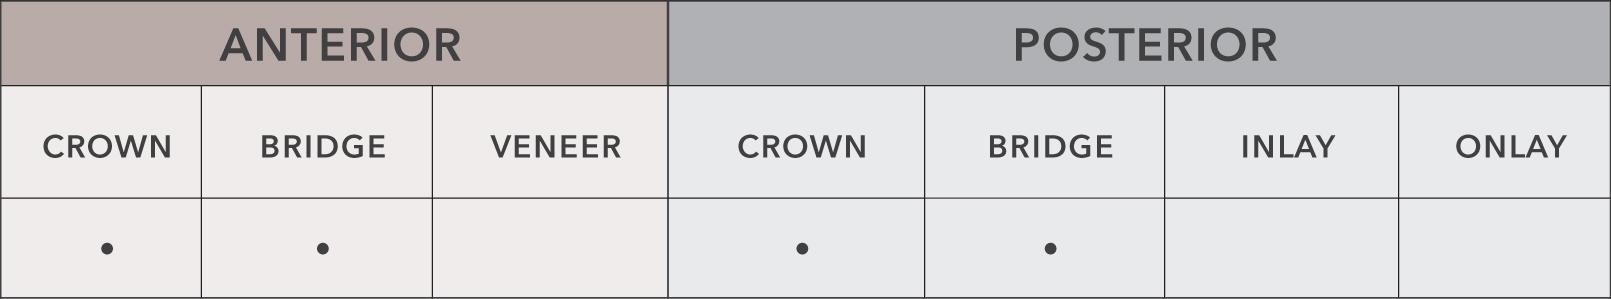 High noble, semi-precious, and non-precious metals available